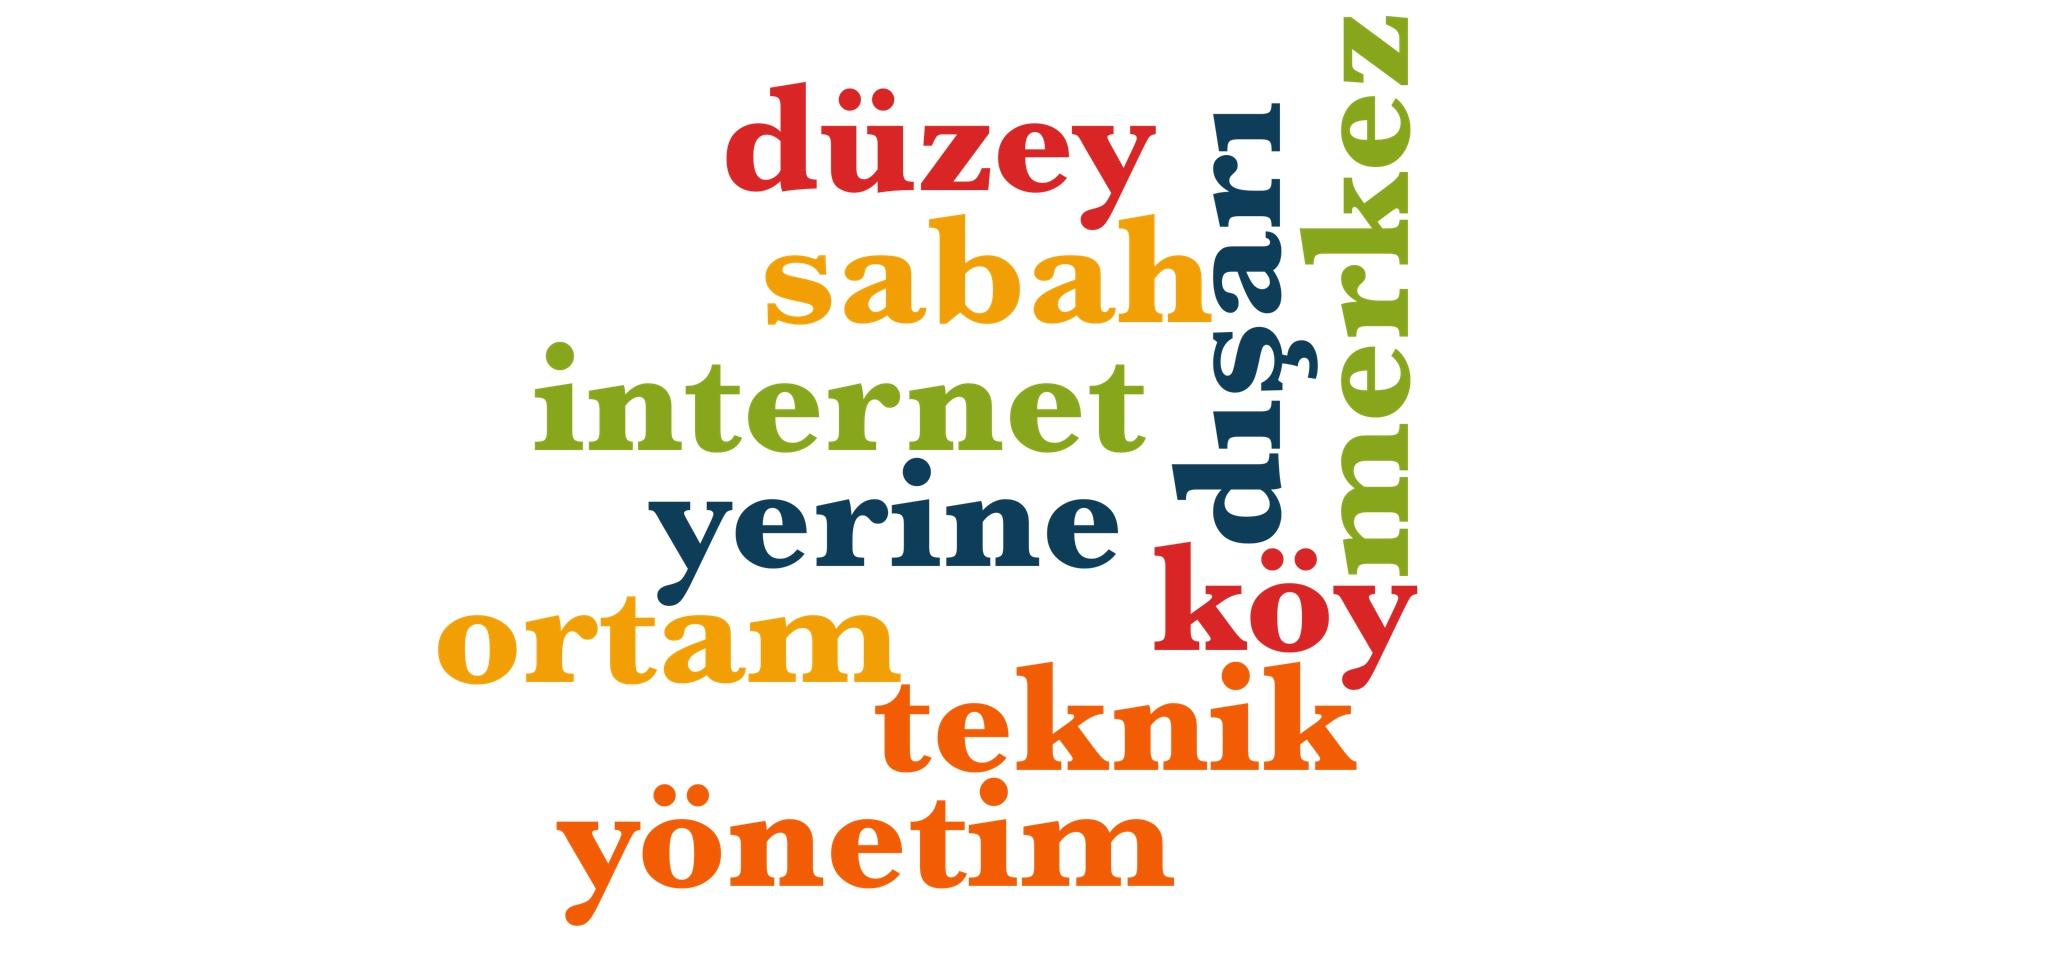 Wörter 391 bis 400 der 1000 häufigsten Wörter der türkischen Sprache